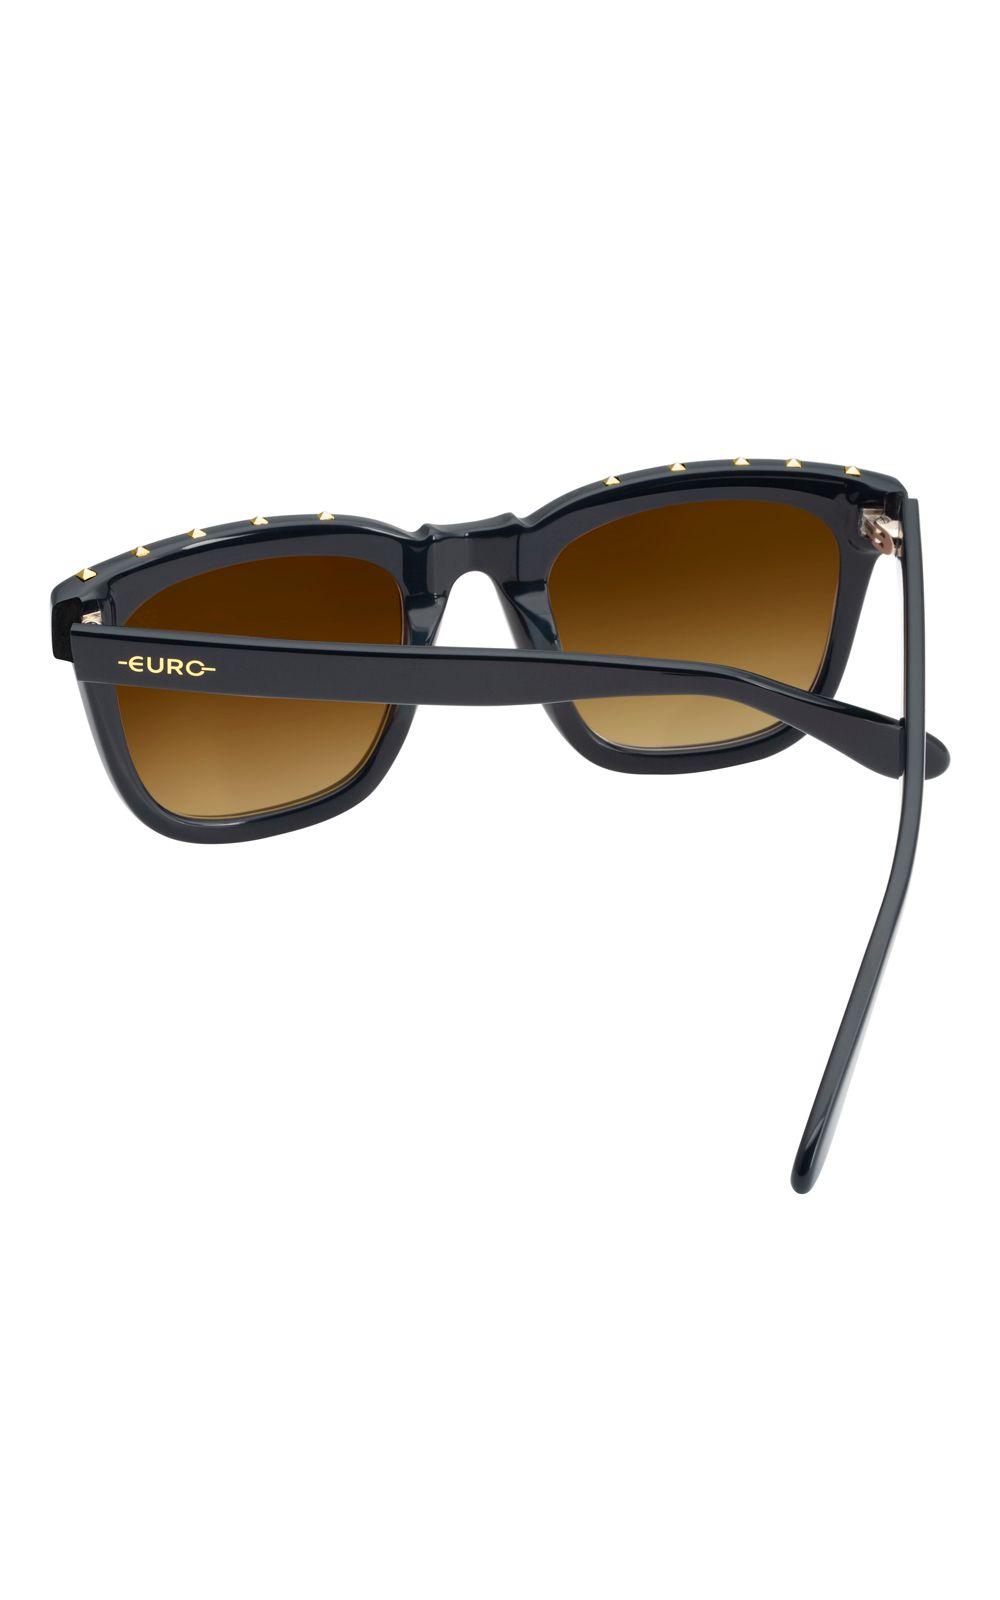 Foto 3 - Óculos Euro Spike Glam Feminino Azul E0034K1541/8D